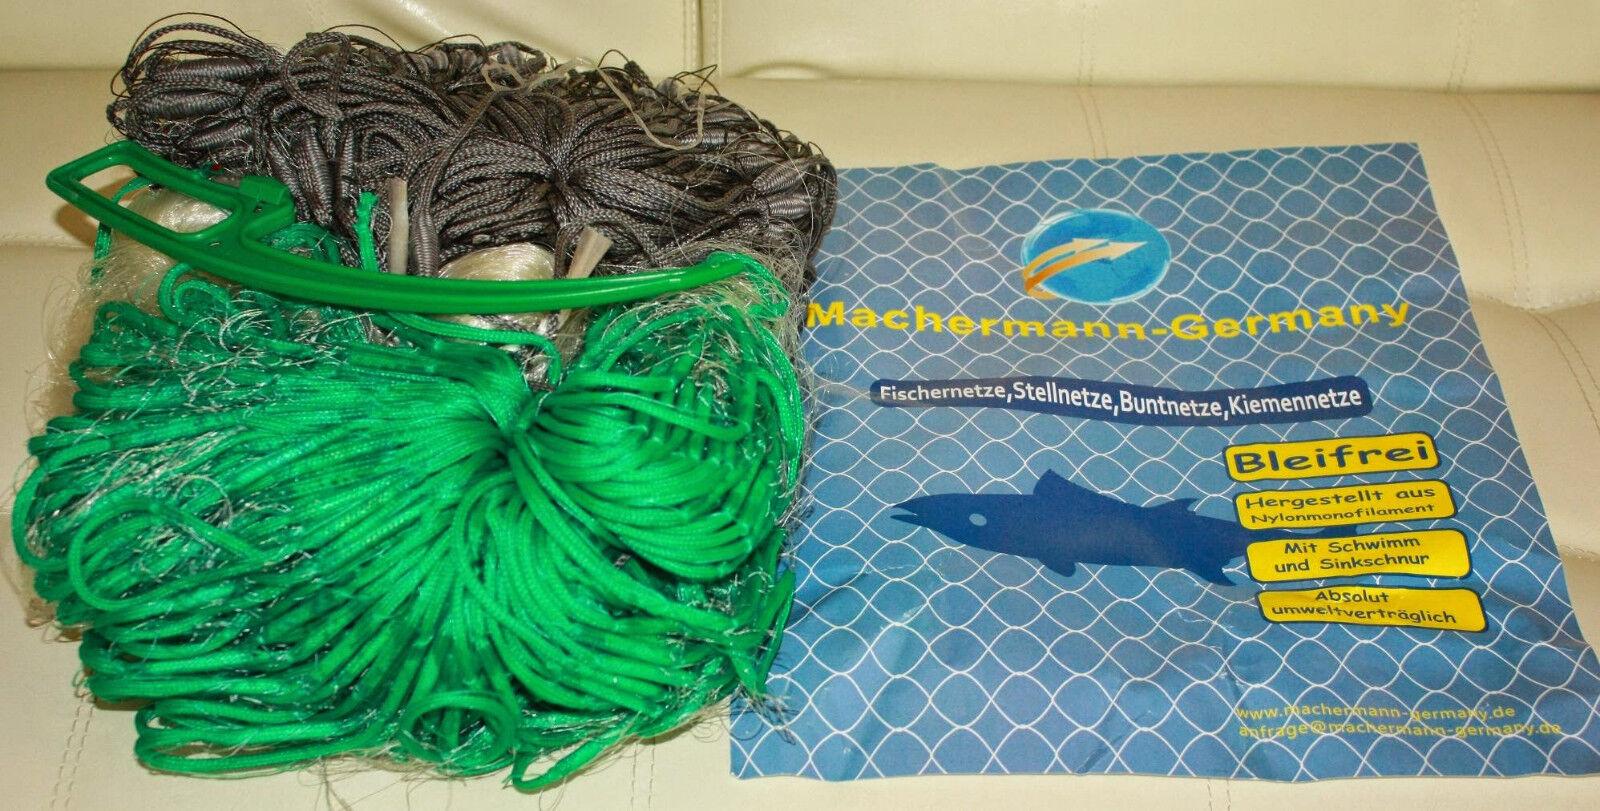 Stellnetz,Fischnetz,Spiegelnetz,3 Wandig, Finland Netz.1,8x30 m,40 mm Top Preis